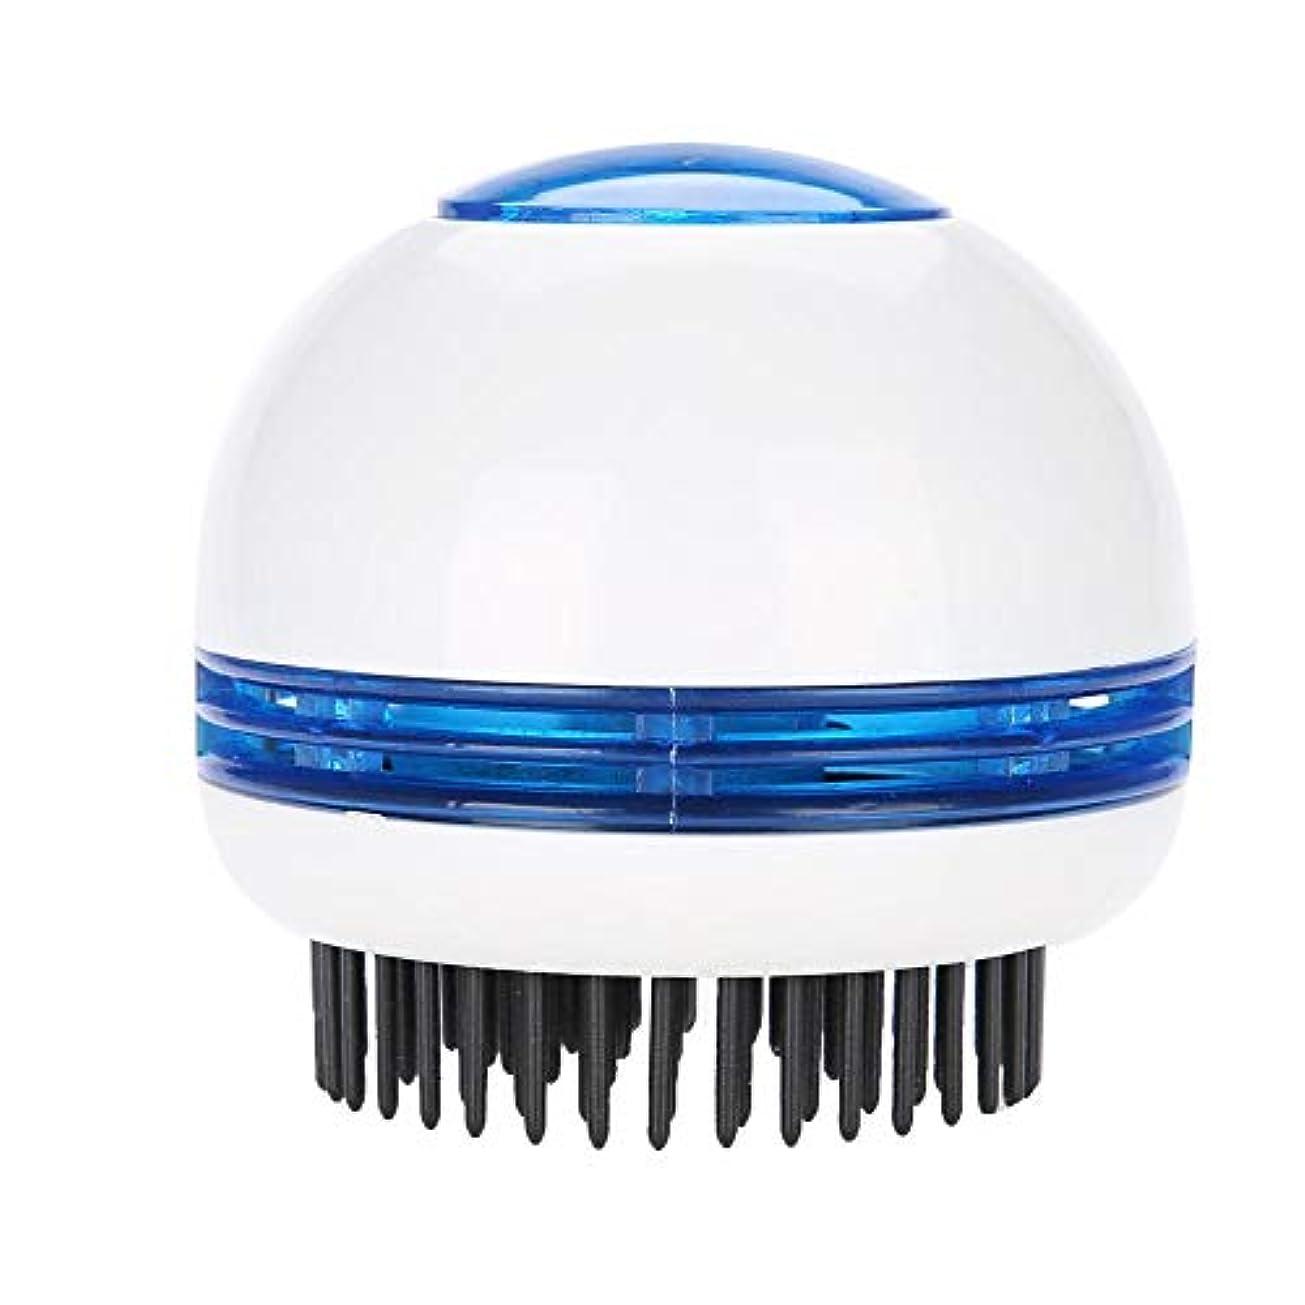 最大化する空白曖昧なTOPINCN 電気 マッサージブラシ ヘッドマッサージャー 帯電防止 頭皮のリラクゼーション ストレス緩和 ヘアスクラバーブラシ